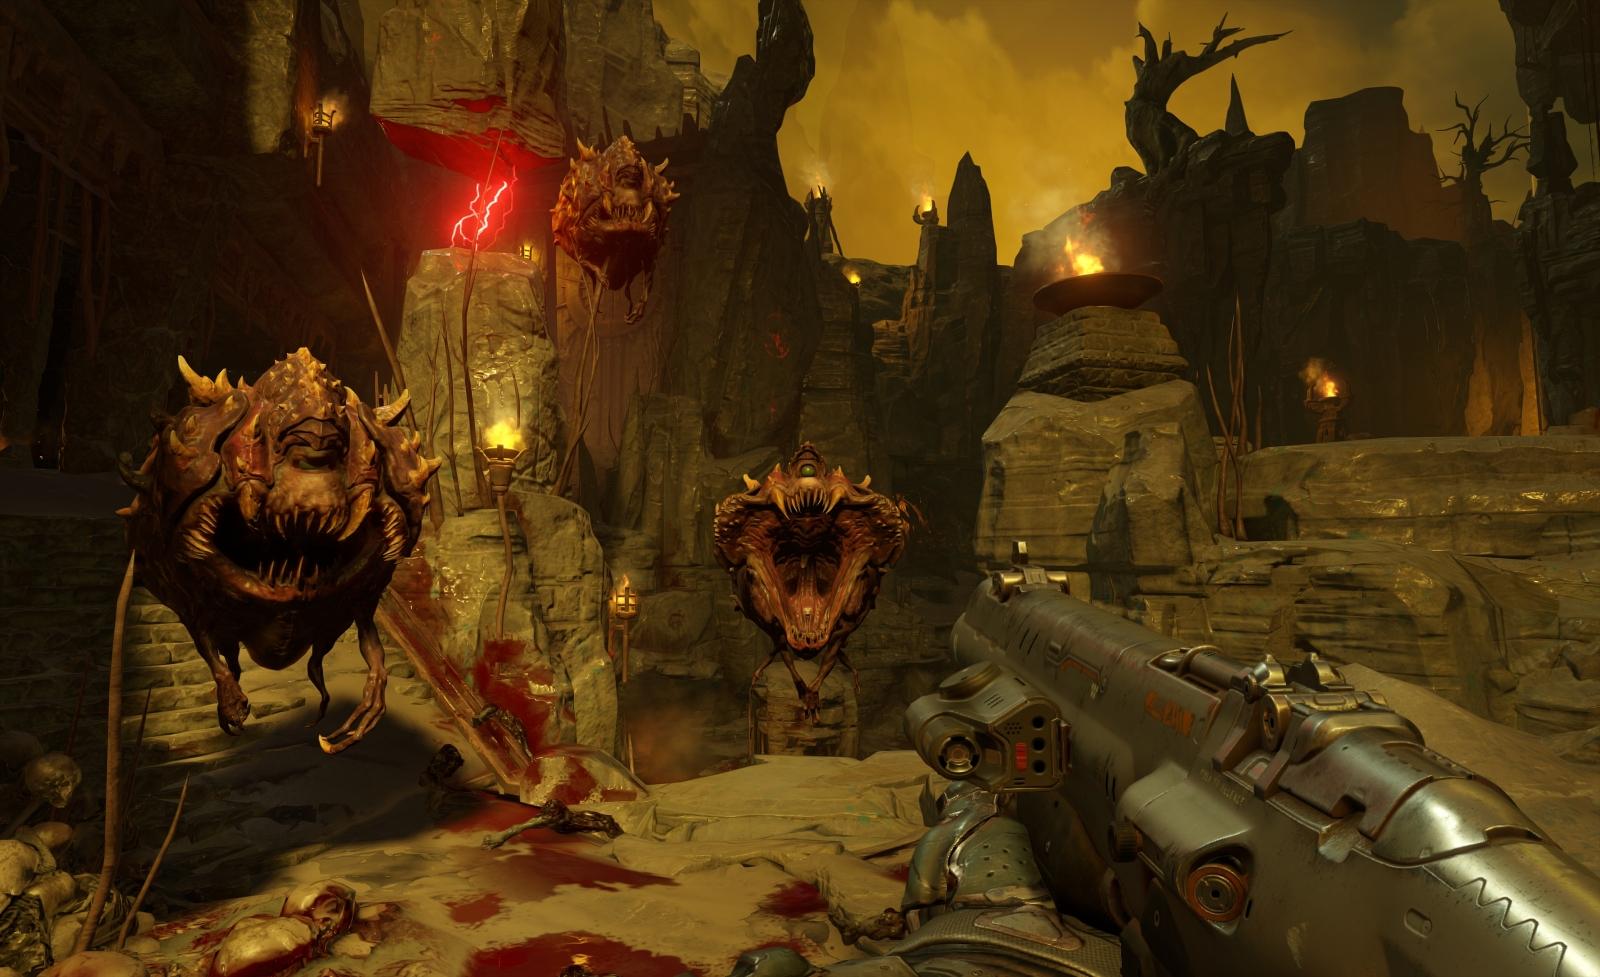 Doom 4 gameplay footage kicks off Bethesda\'s E3 2015 show